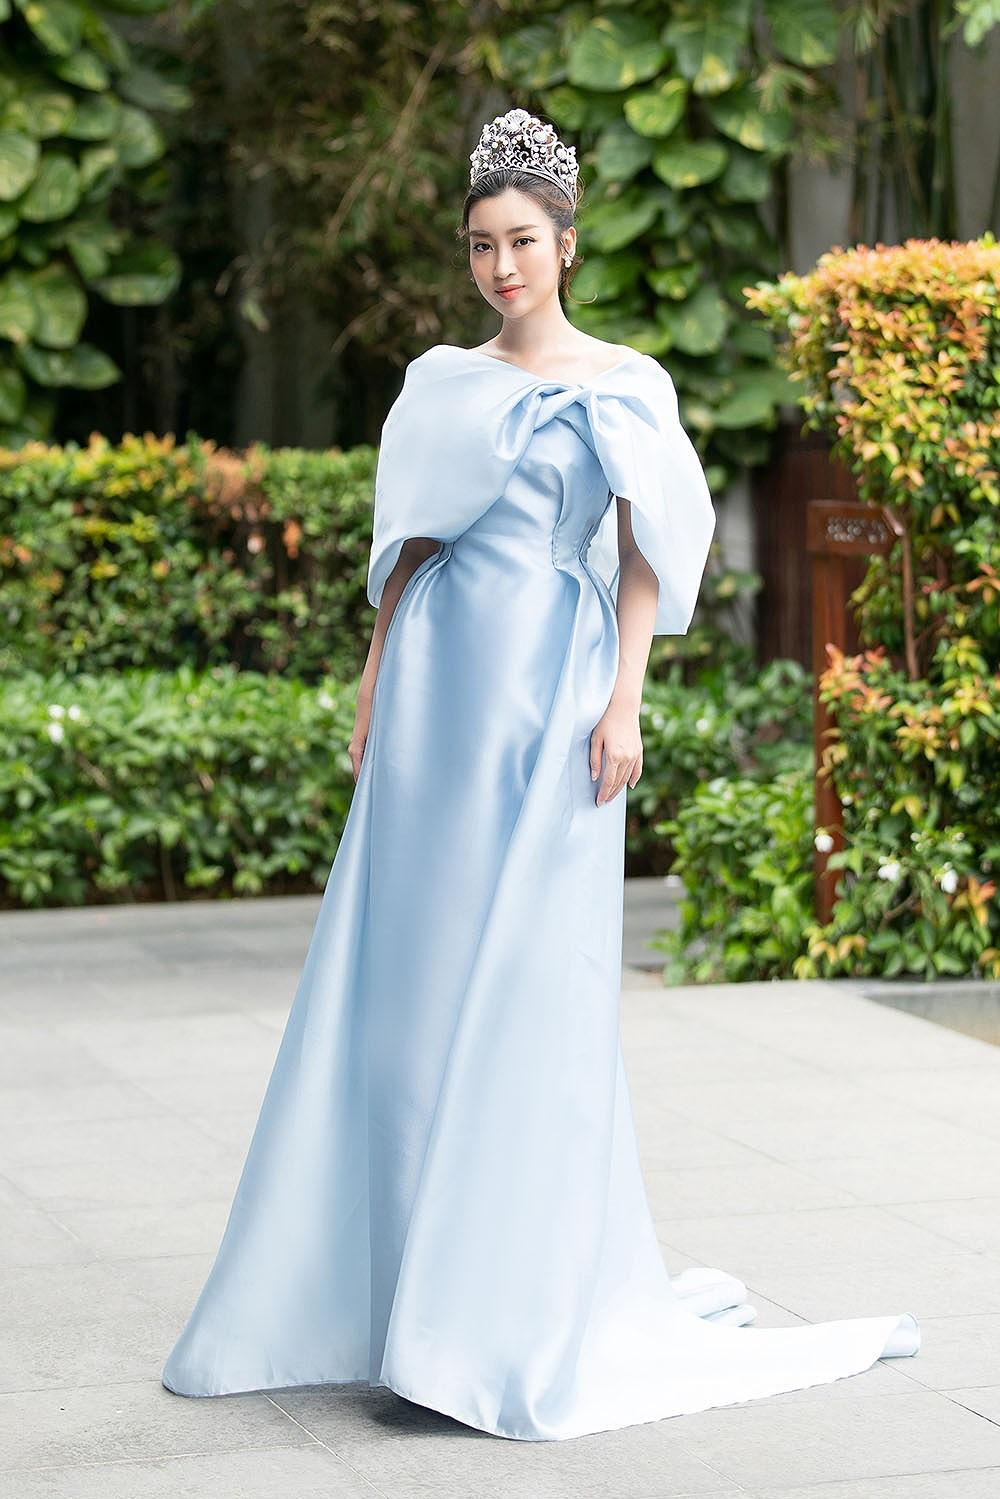 Hoa hậu Tiểu Vy - Mỹ Linh đội vương miện kiêu sa, khoe nhan sắc tựa 'nữ thần' Ảnh 1